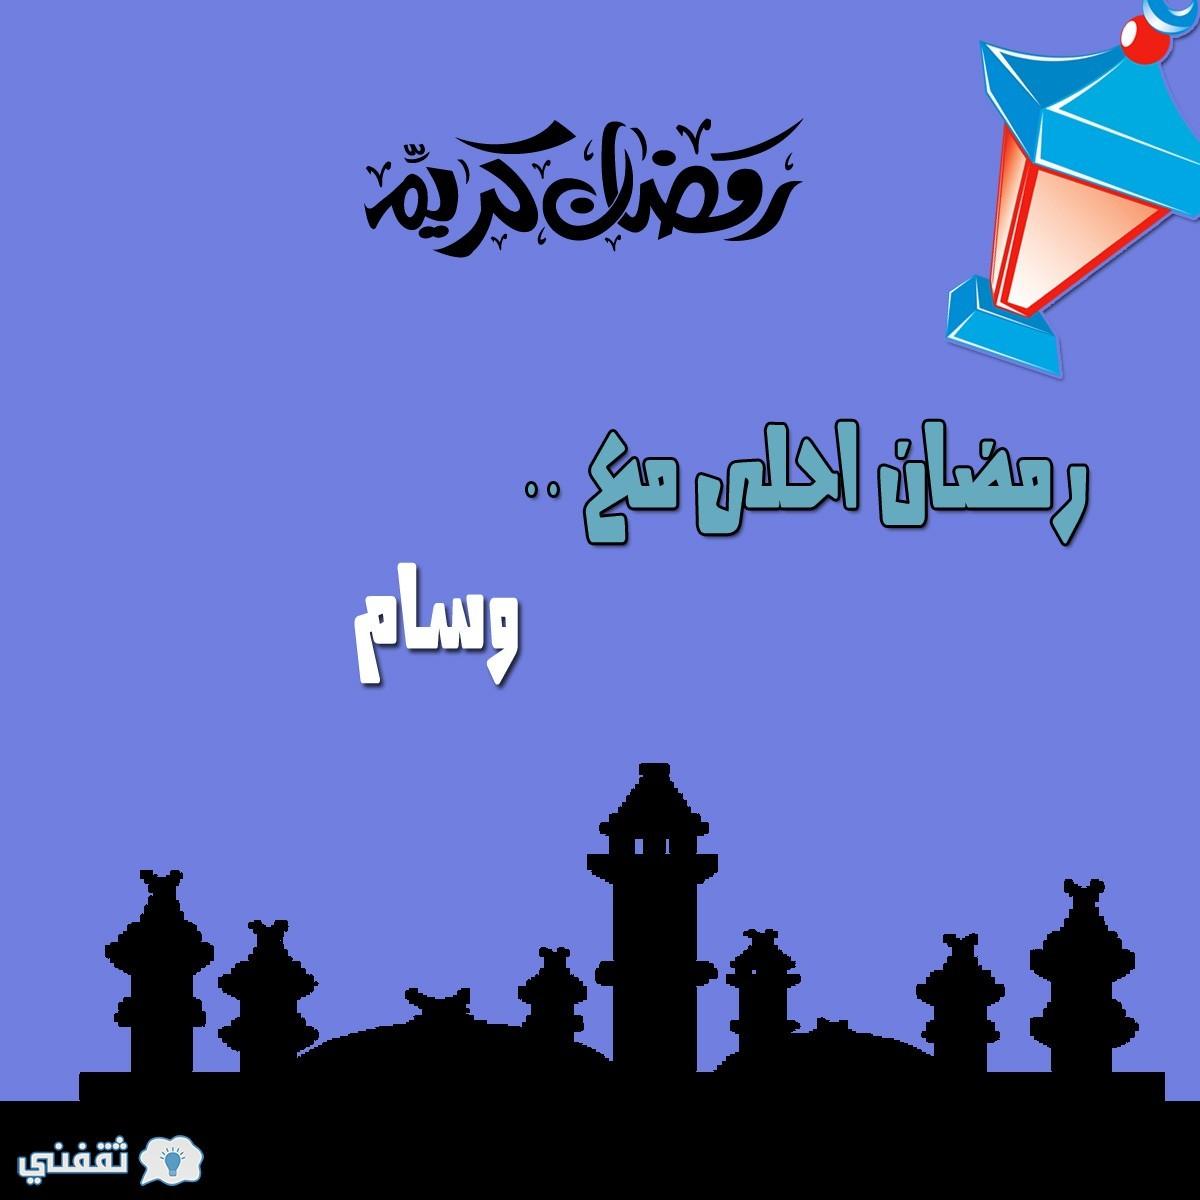 رمضان احلى مع حبيبي أكتب 15